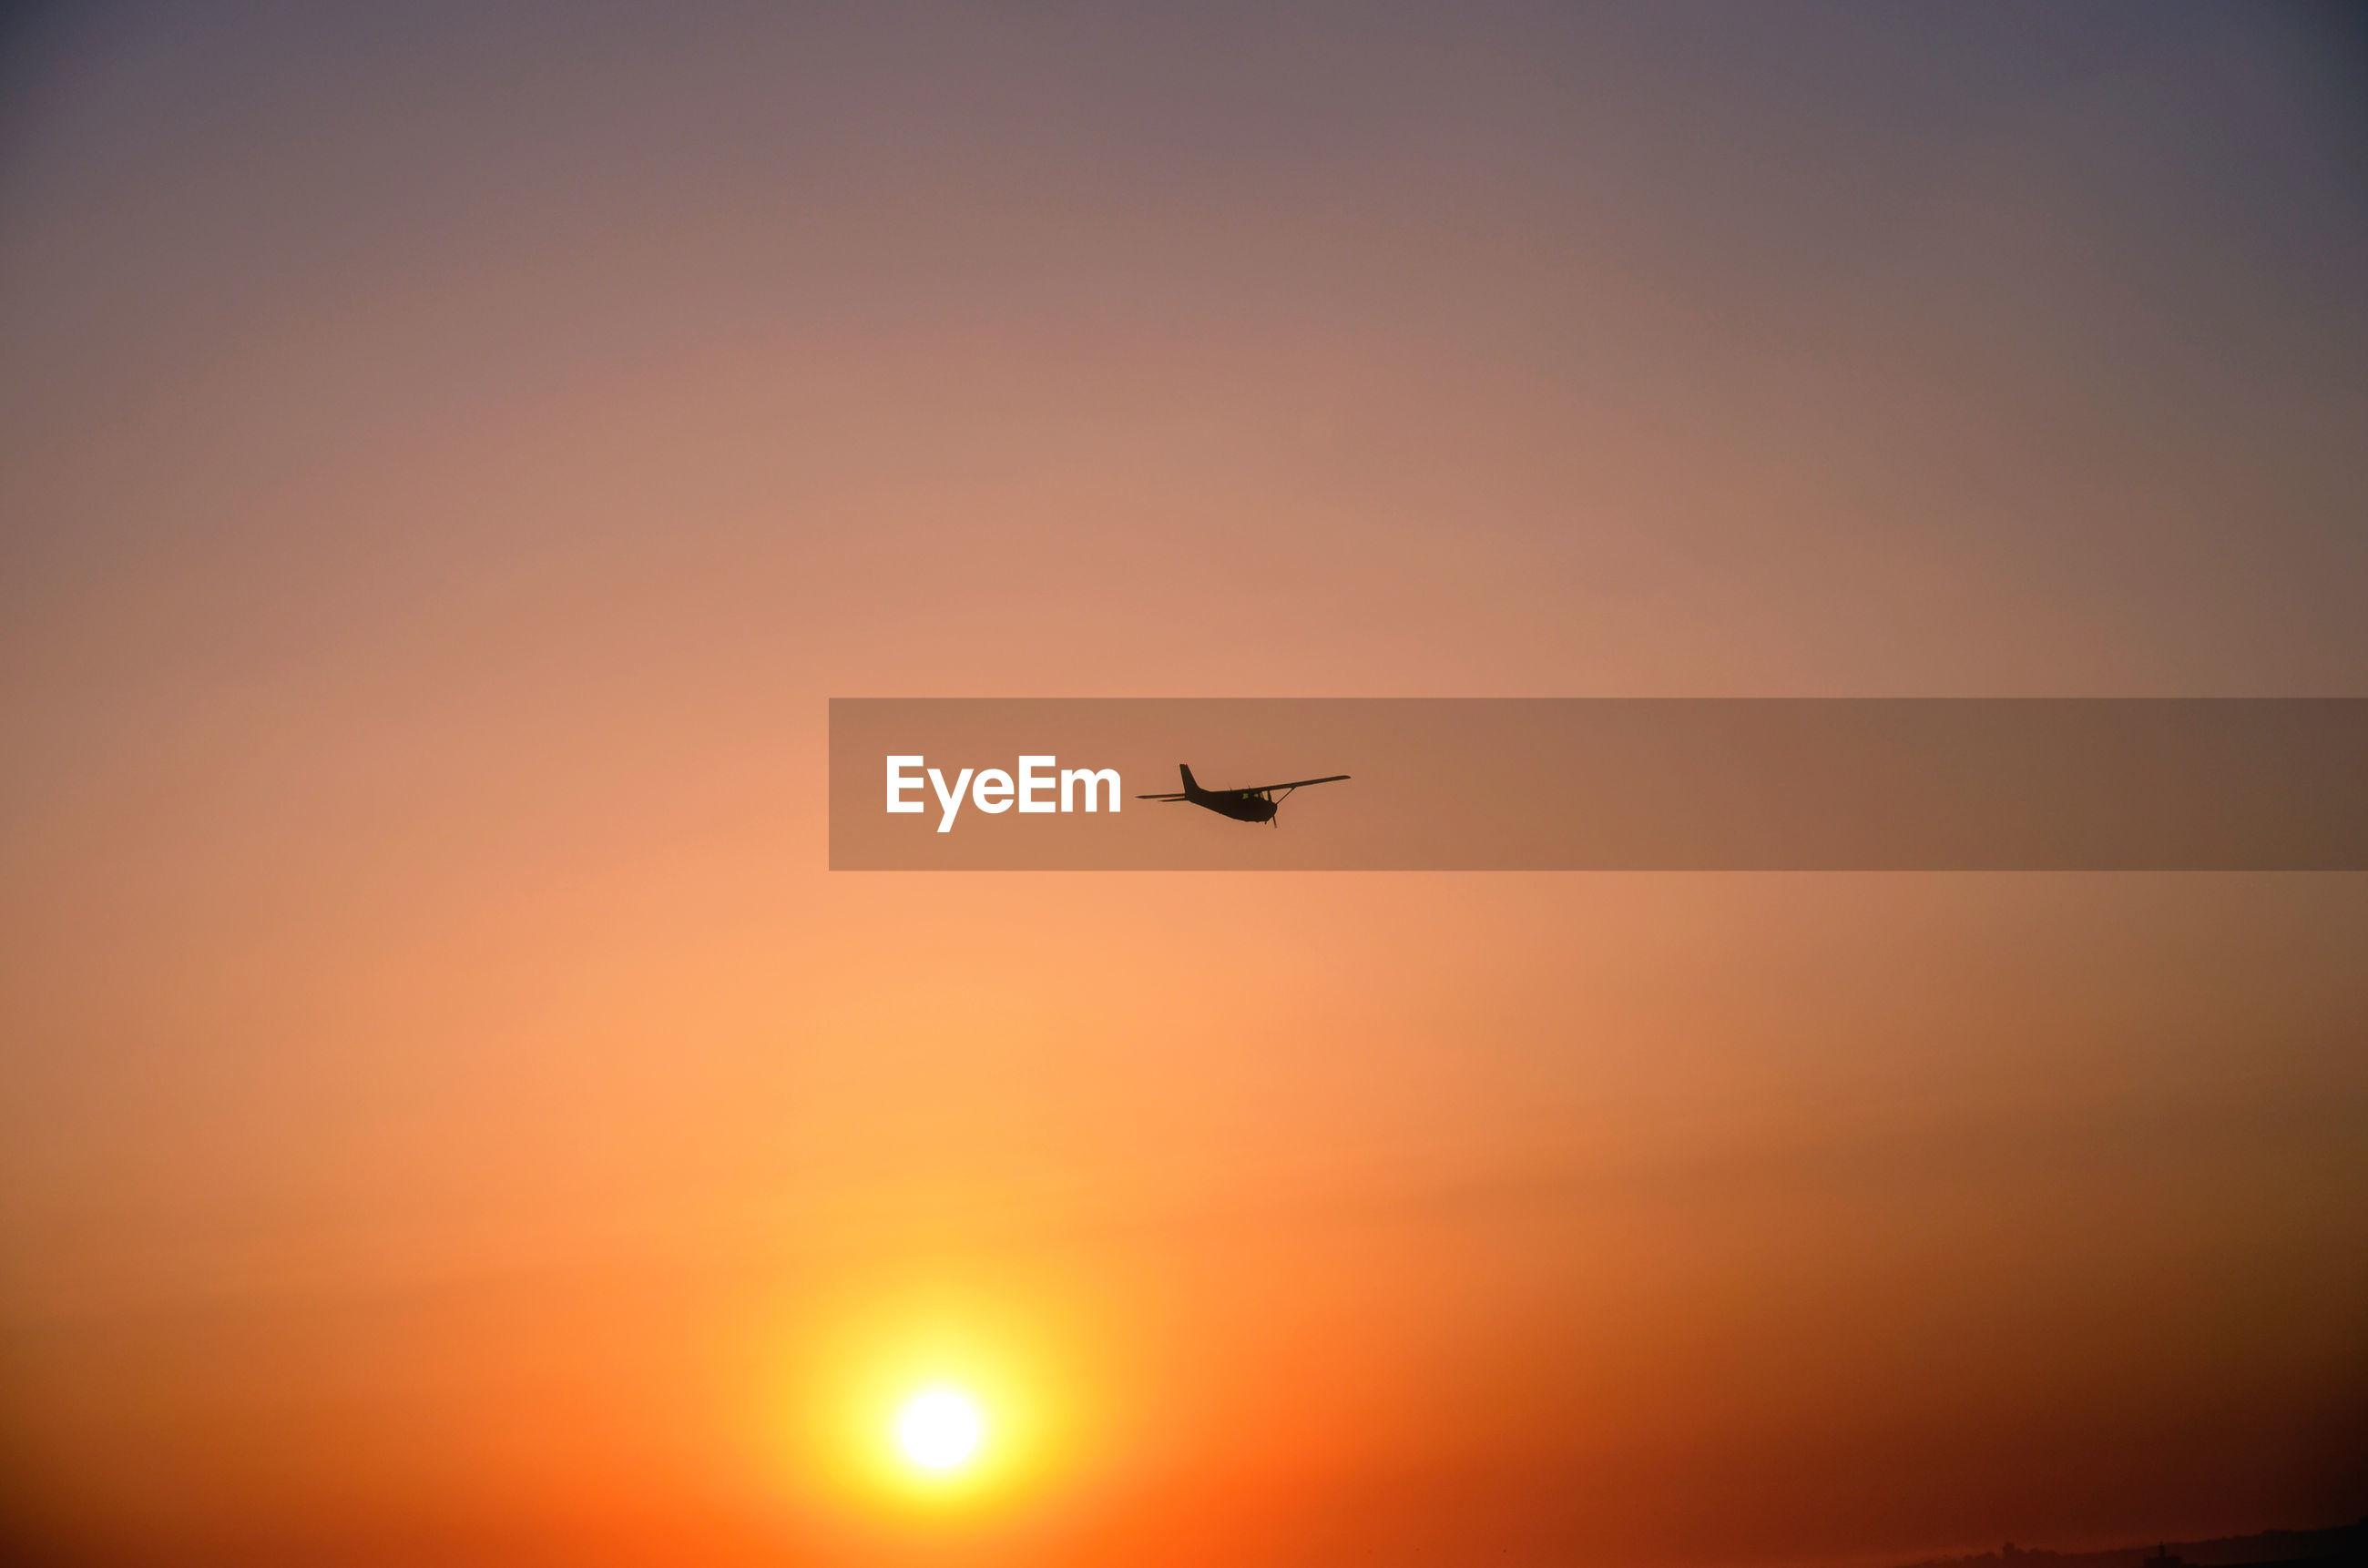 AIRPLANE FLYING AGAINST ORANGE SKY